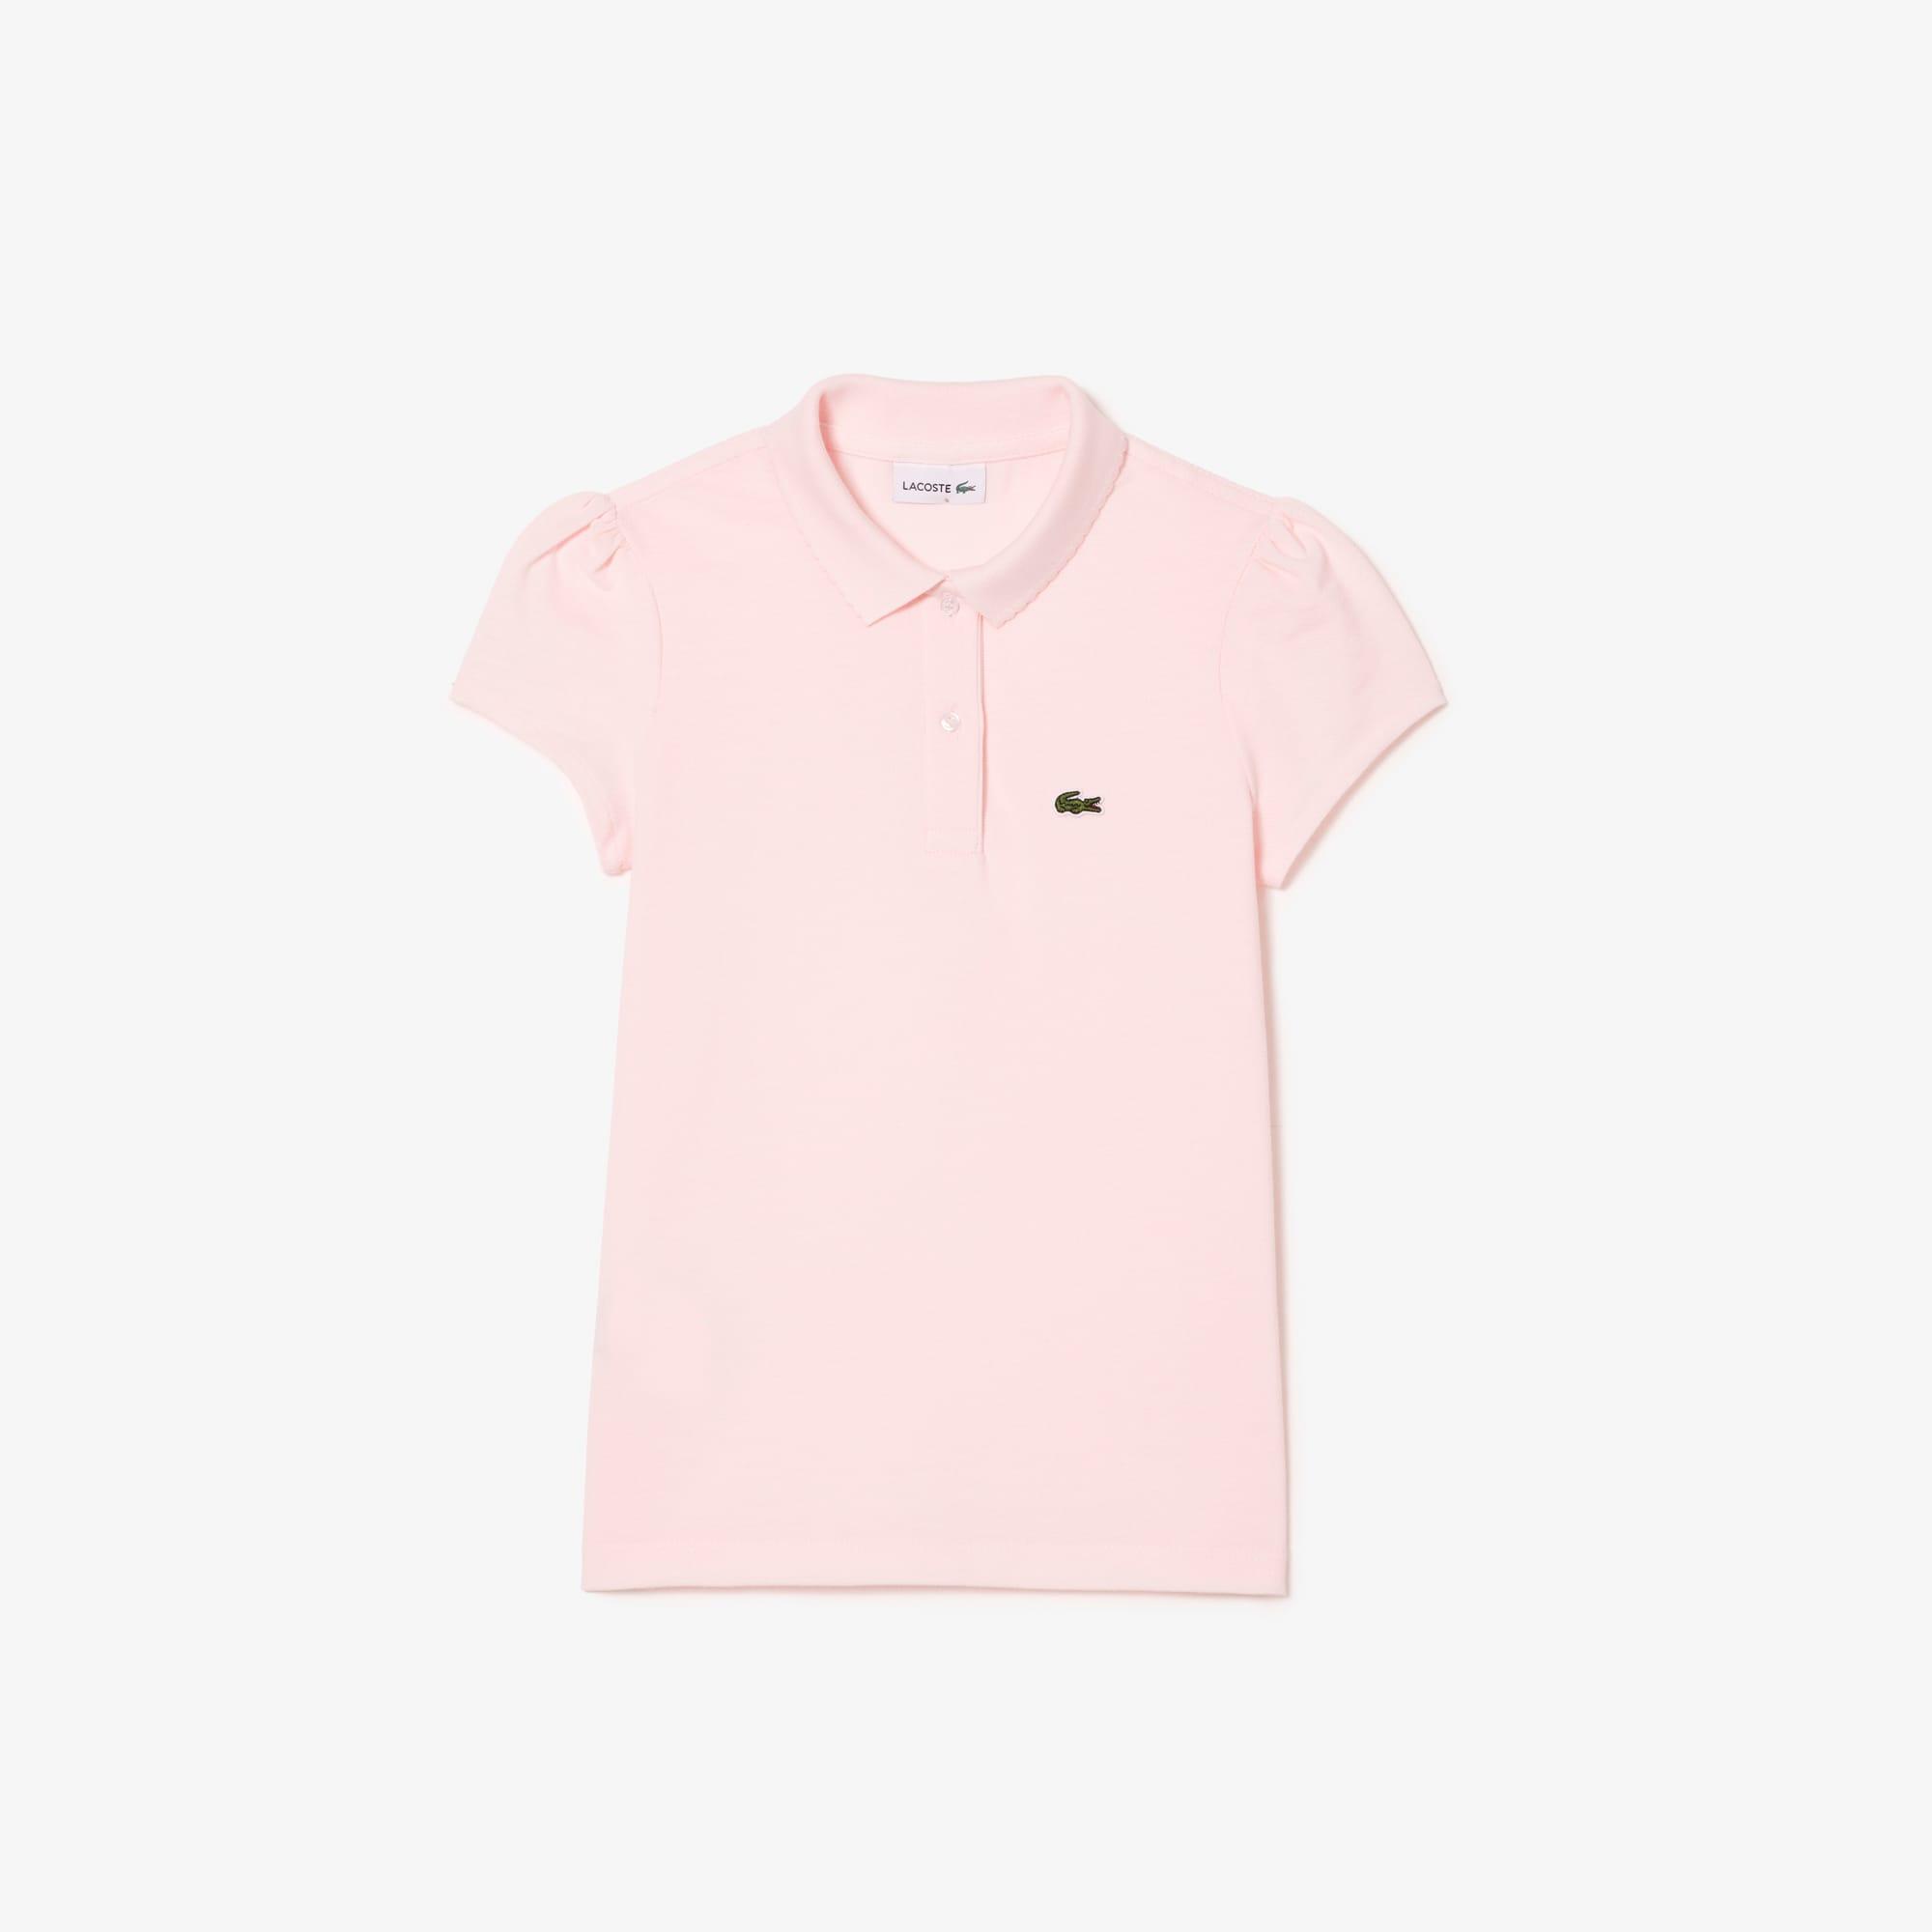 27d03aa7541 Camisa Polo Lacoste Feminina Infantil em Minipiquet com Gola Recortada